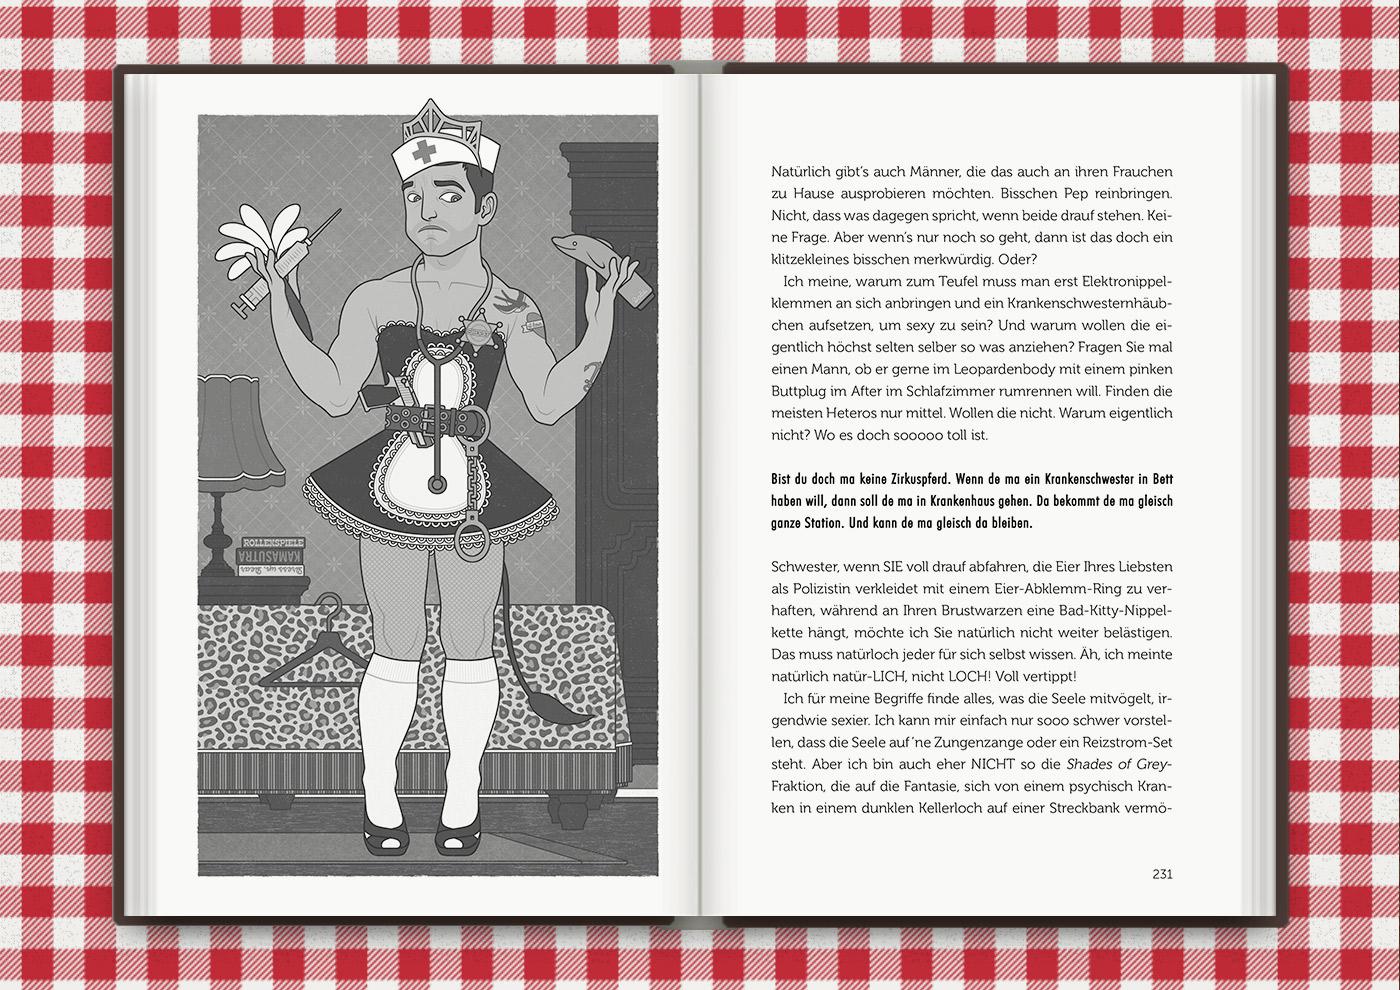 Illustration von Mimi Fiedlers kostümiertem Boytoy Guy mit Schwesternhäubchen, Spritze, Zimmermädchenuniform, Feudel, Handschellen und Sheriffstern im Buch Brauchsu keine Doktor, brauchsu nur diese Buch – Die Balkantherapie für Liebe, Leib und Leben von Mimi Fiedler im MVG Verlag